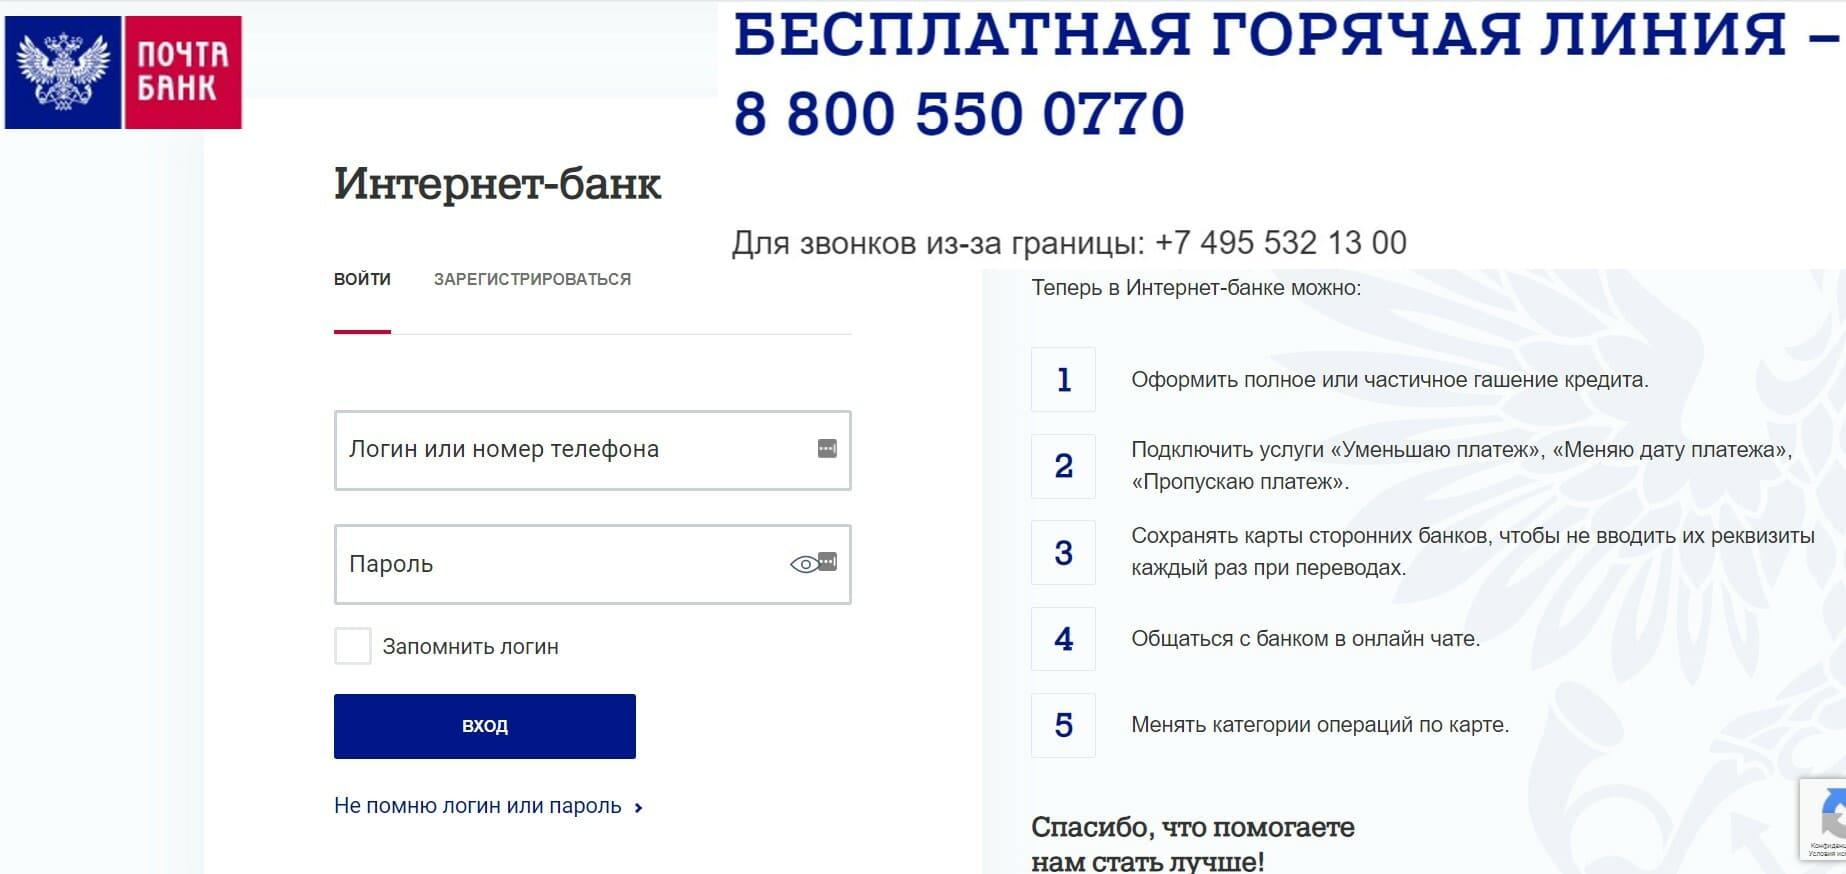 Почта банк личный кабинет